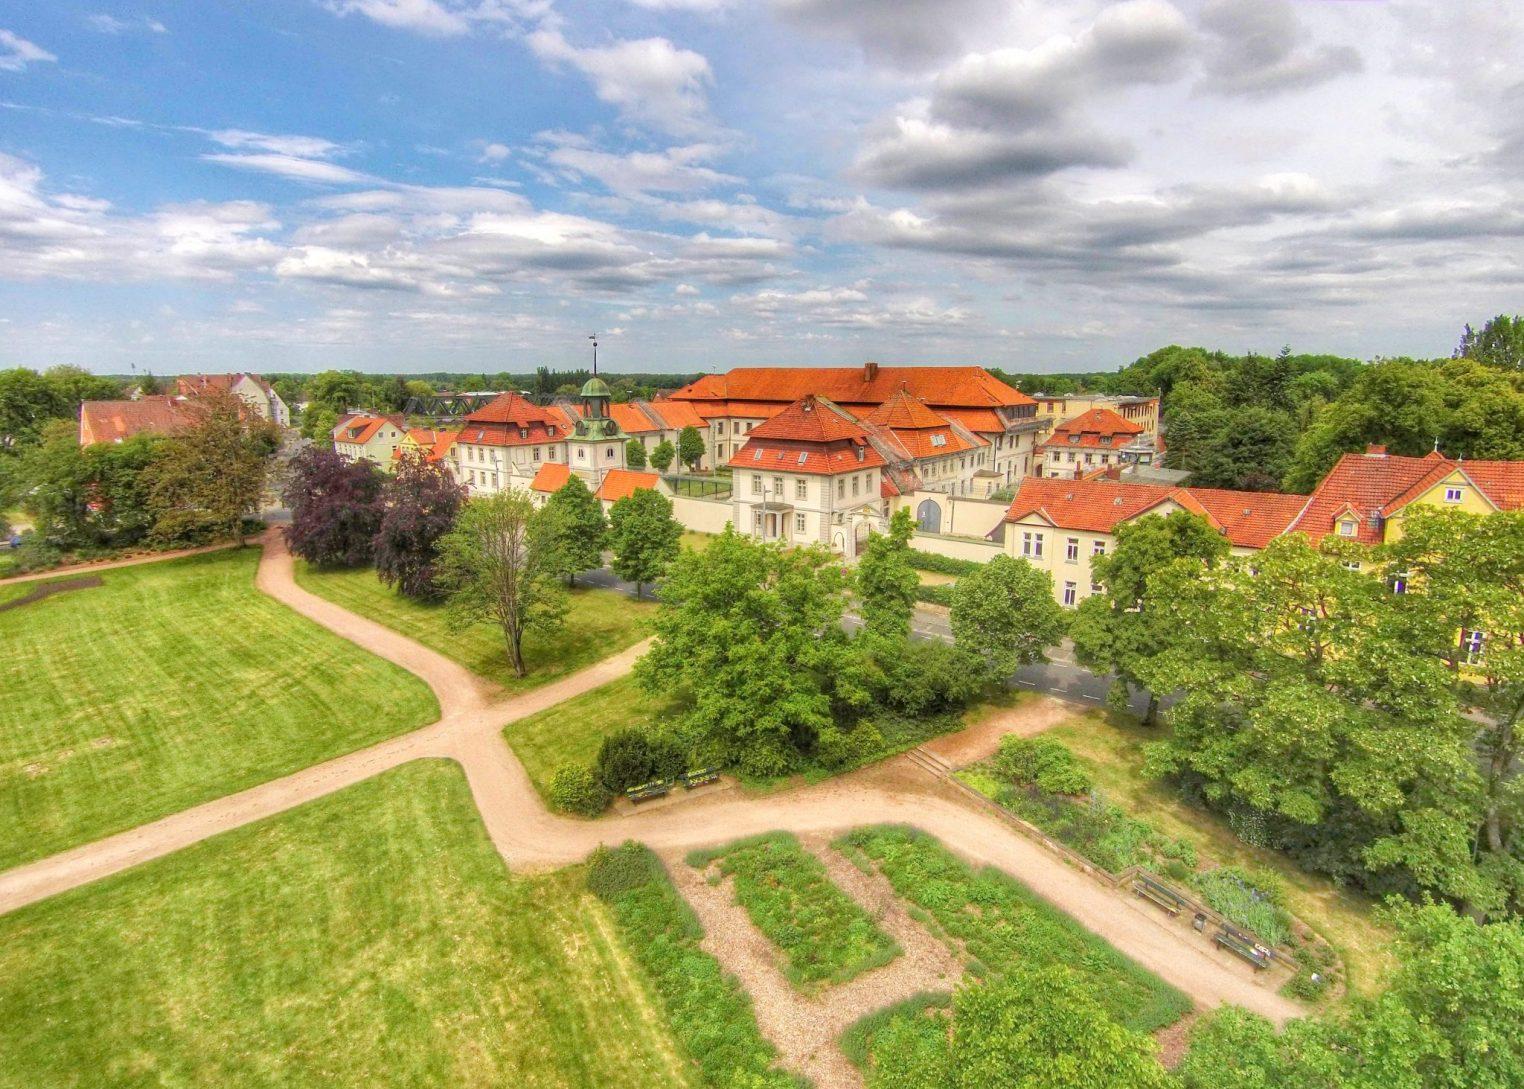 Gefängnis von Celle – Luftbild